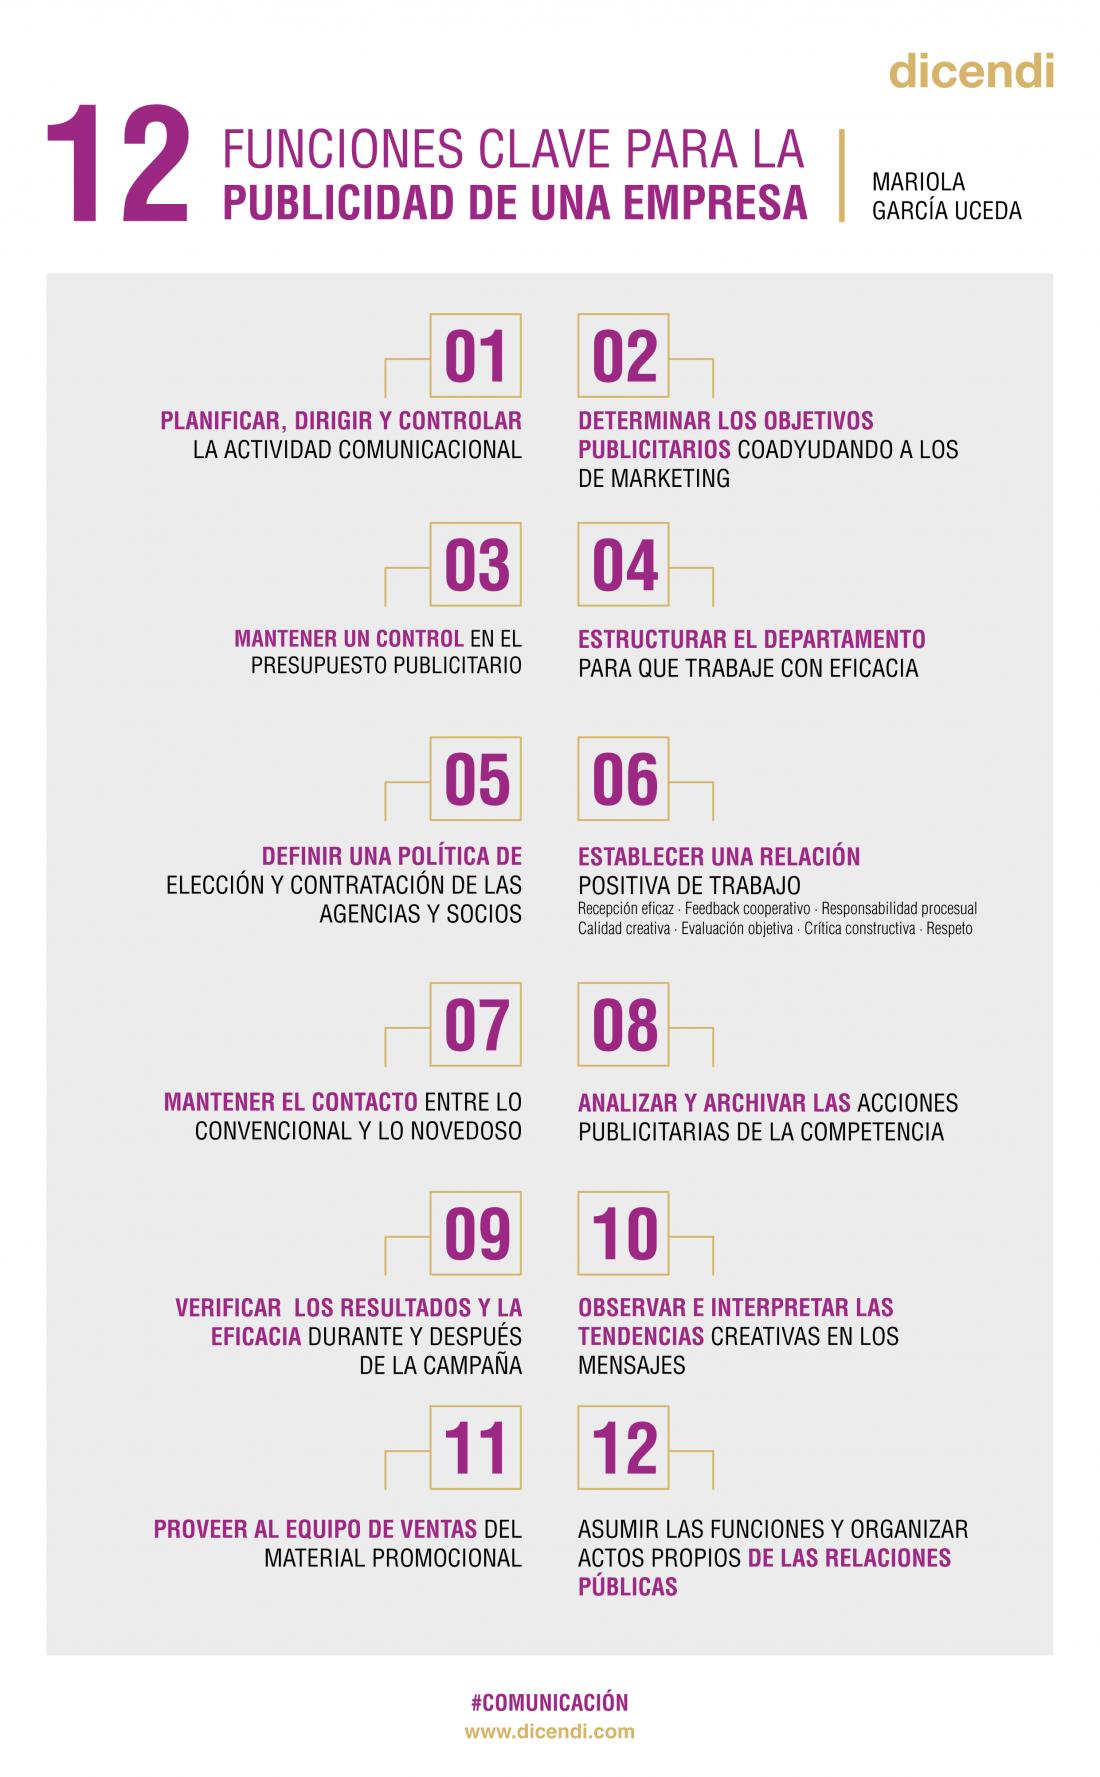 Las 12 Funciones Clave Para La Publicidad De Una Empresa Dicendi